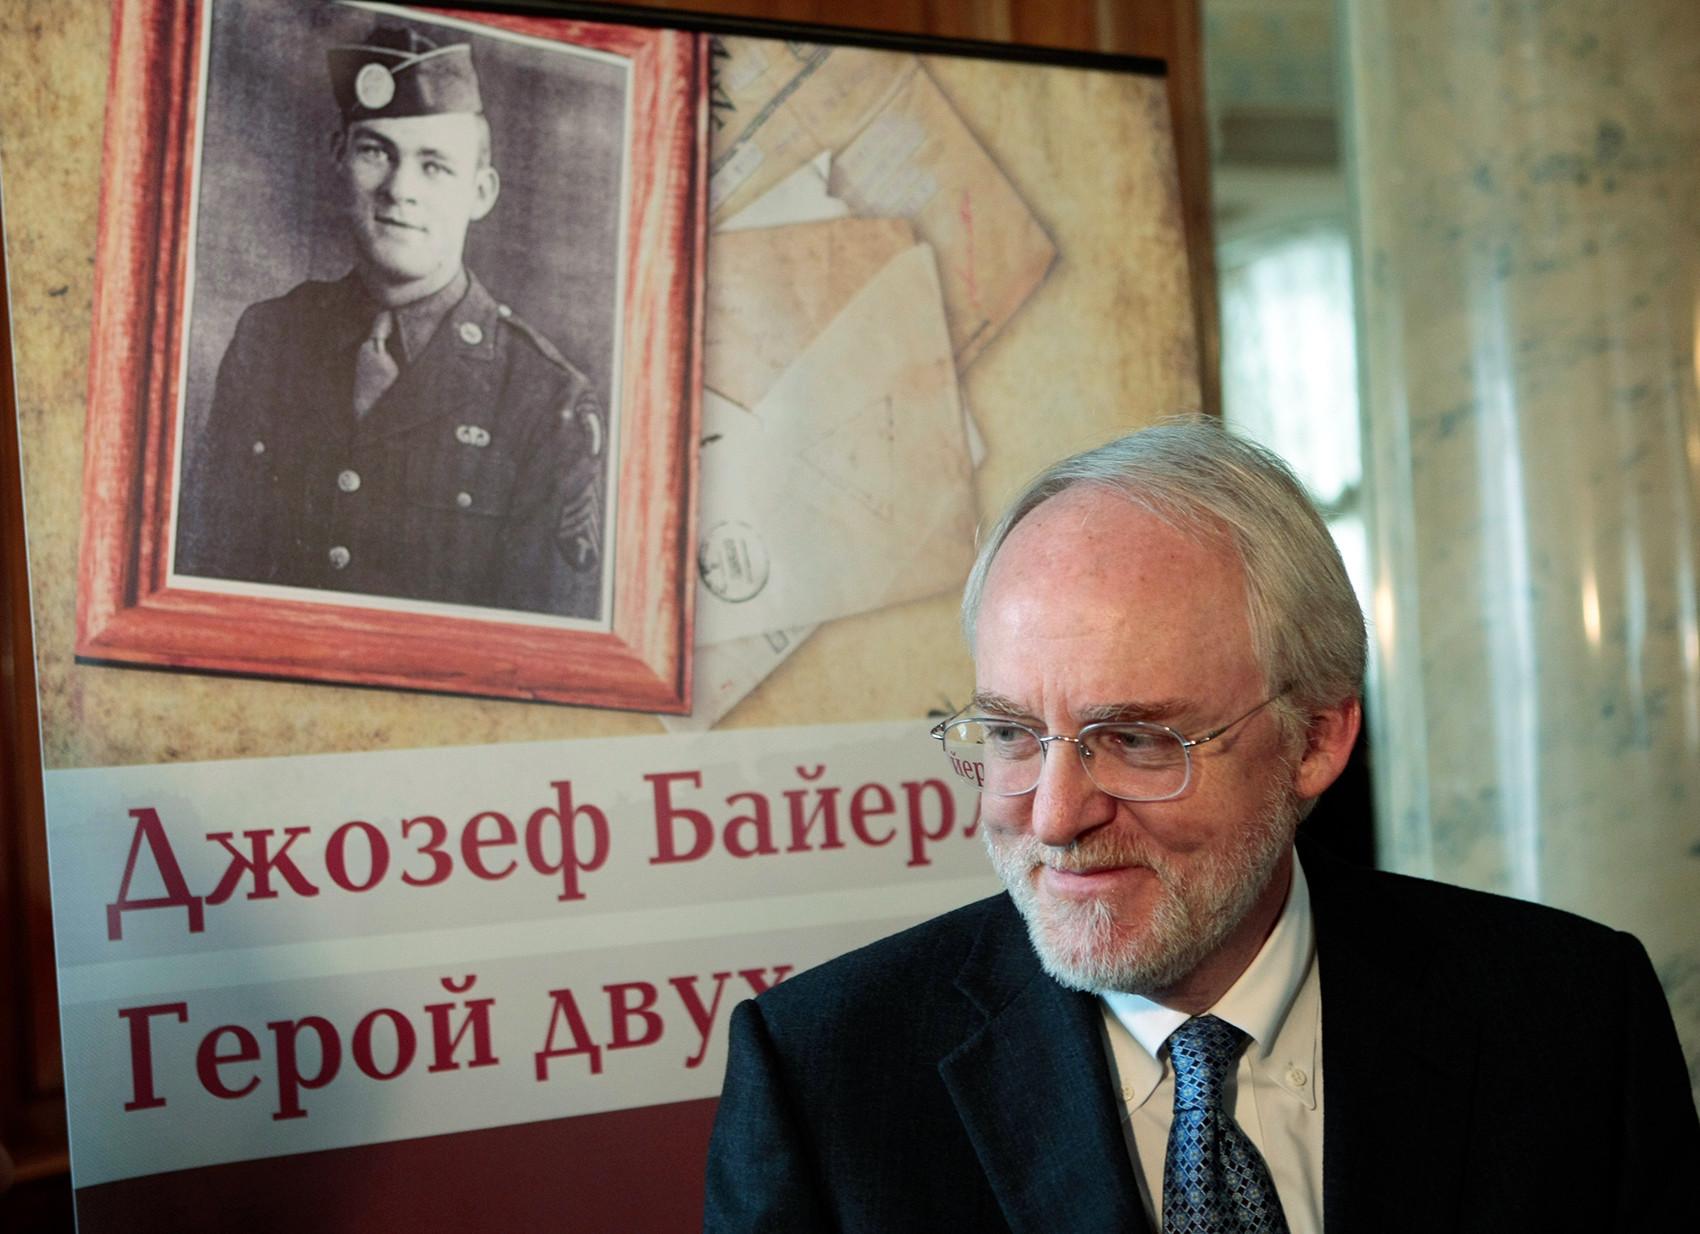 Джон Бейрле, сын Джозефа, занимал пост посла США в Москве с 2008 по 2012 год.